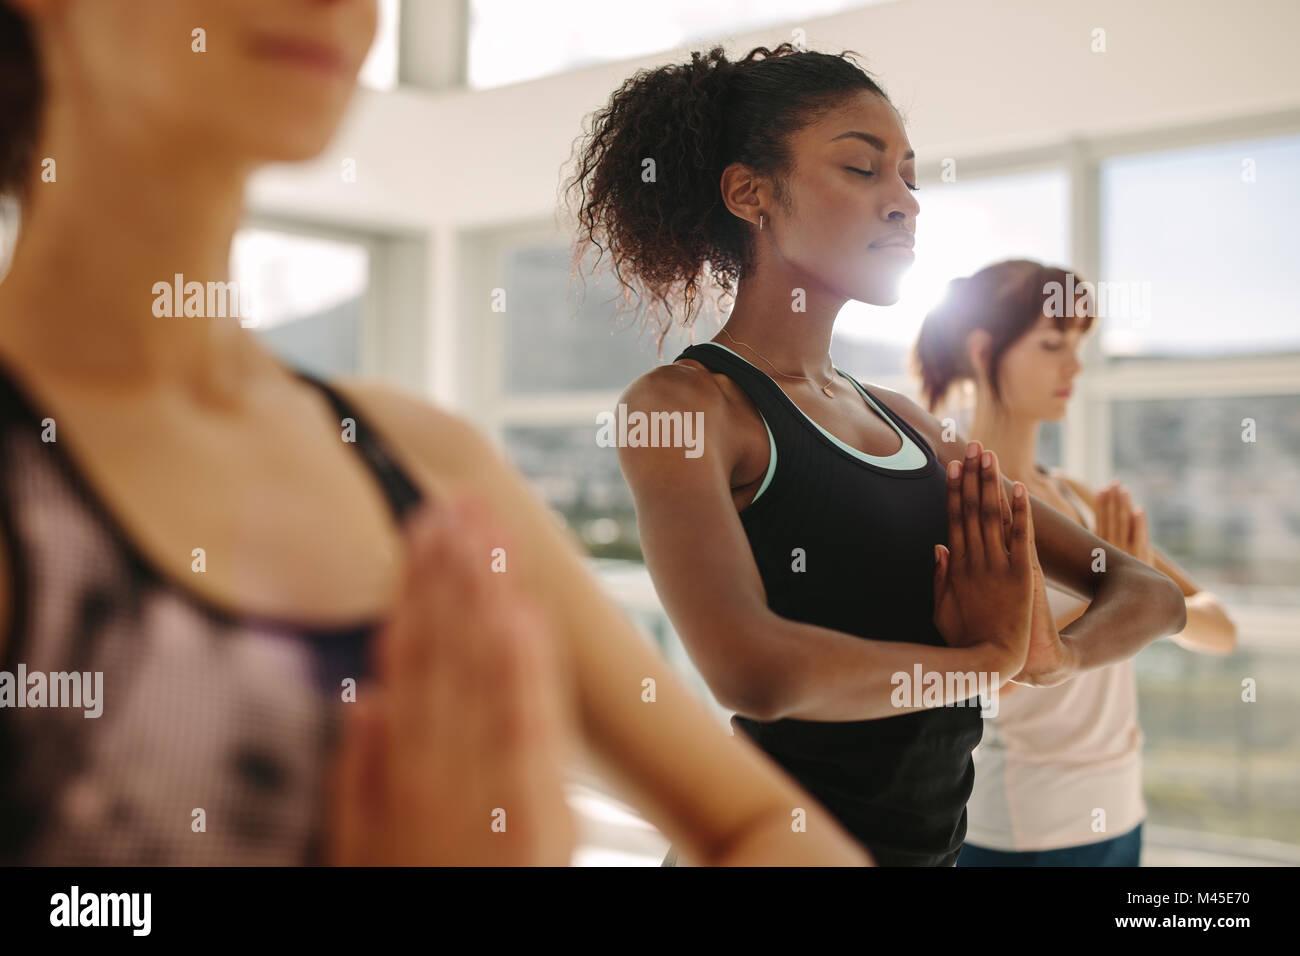 Passen junge Frau Yoga mit Freunden. Fitness für Frauen yoga meditation drinnen in der Turnhalle Klasse. Stockbild